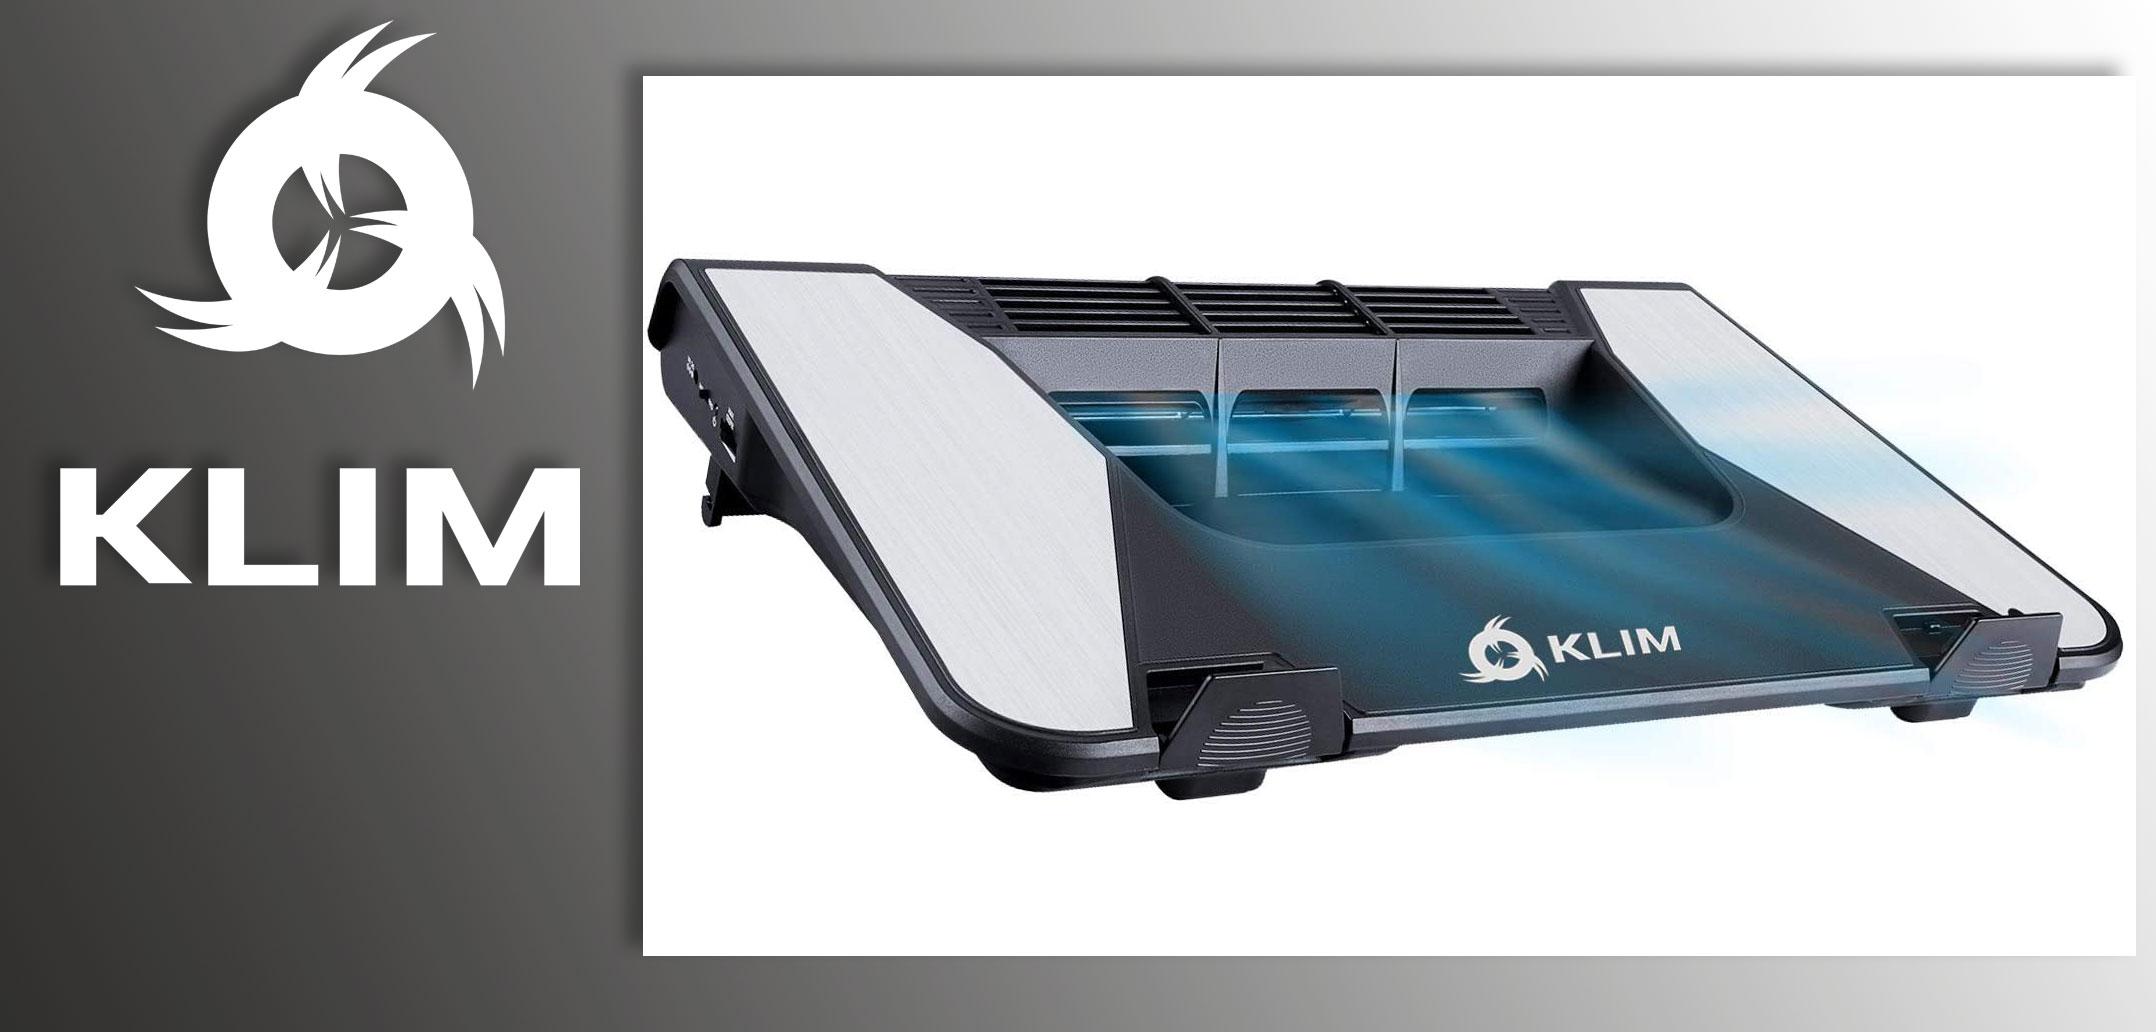 Tecnologia Amica / Per l'ufficio e la casa, KLIM Airflow raffreddatore a turbina per PC portatili